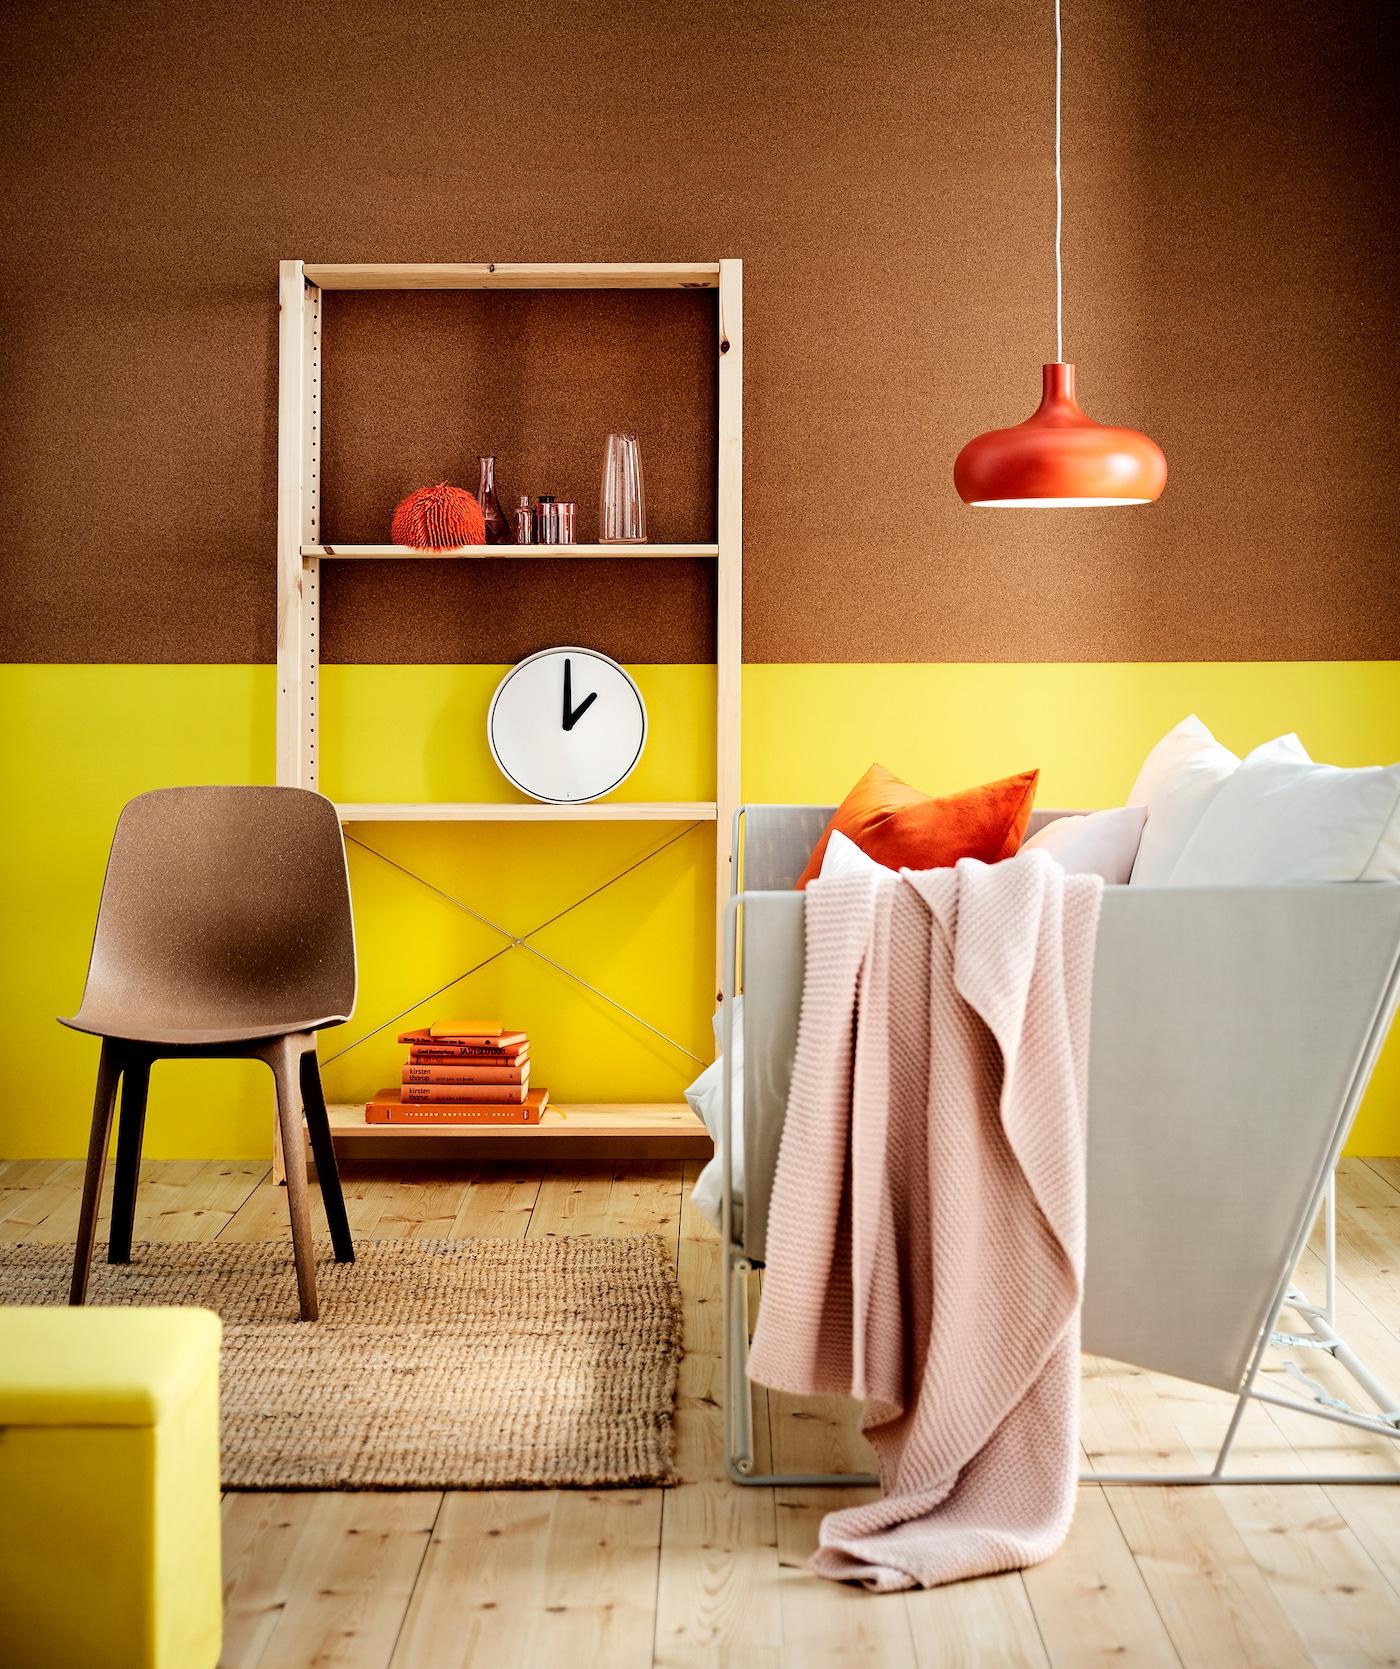 Schlichte Wohnzimmerecke mit weißem Gartensofa, roten Accessoires & gelb-braun gestrichenen Wänden